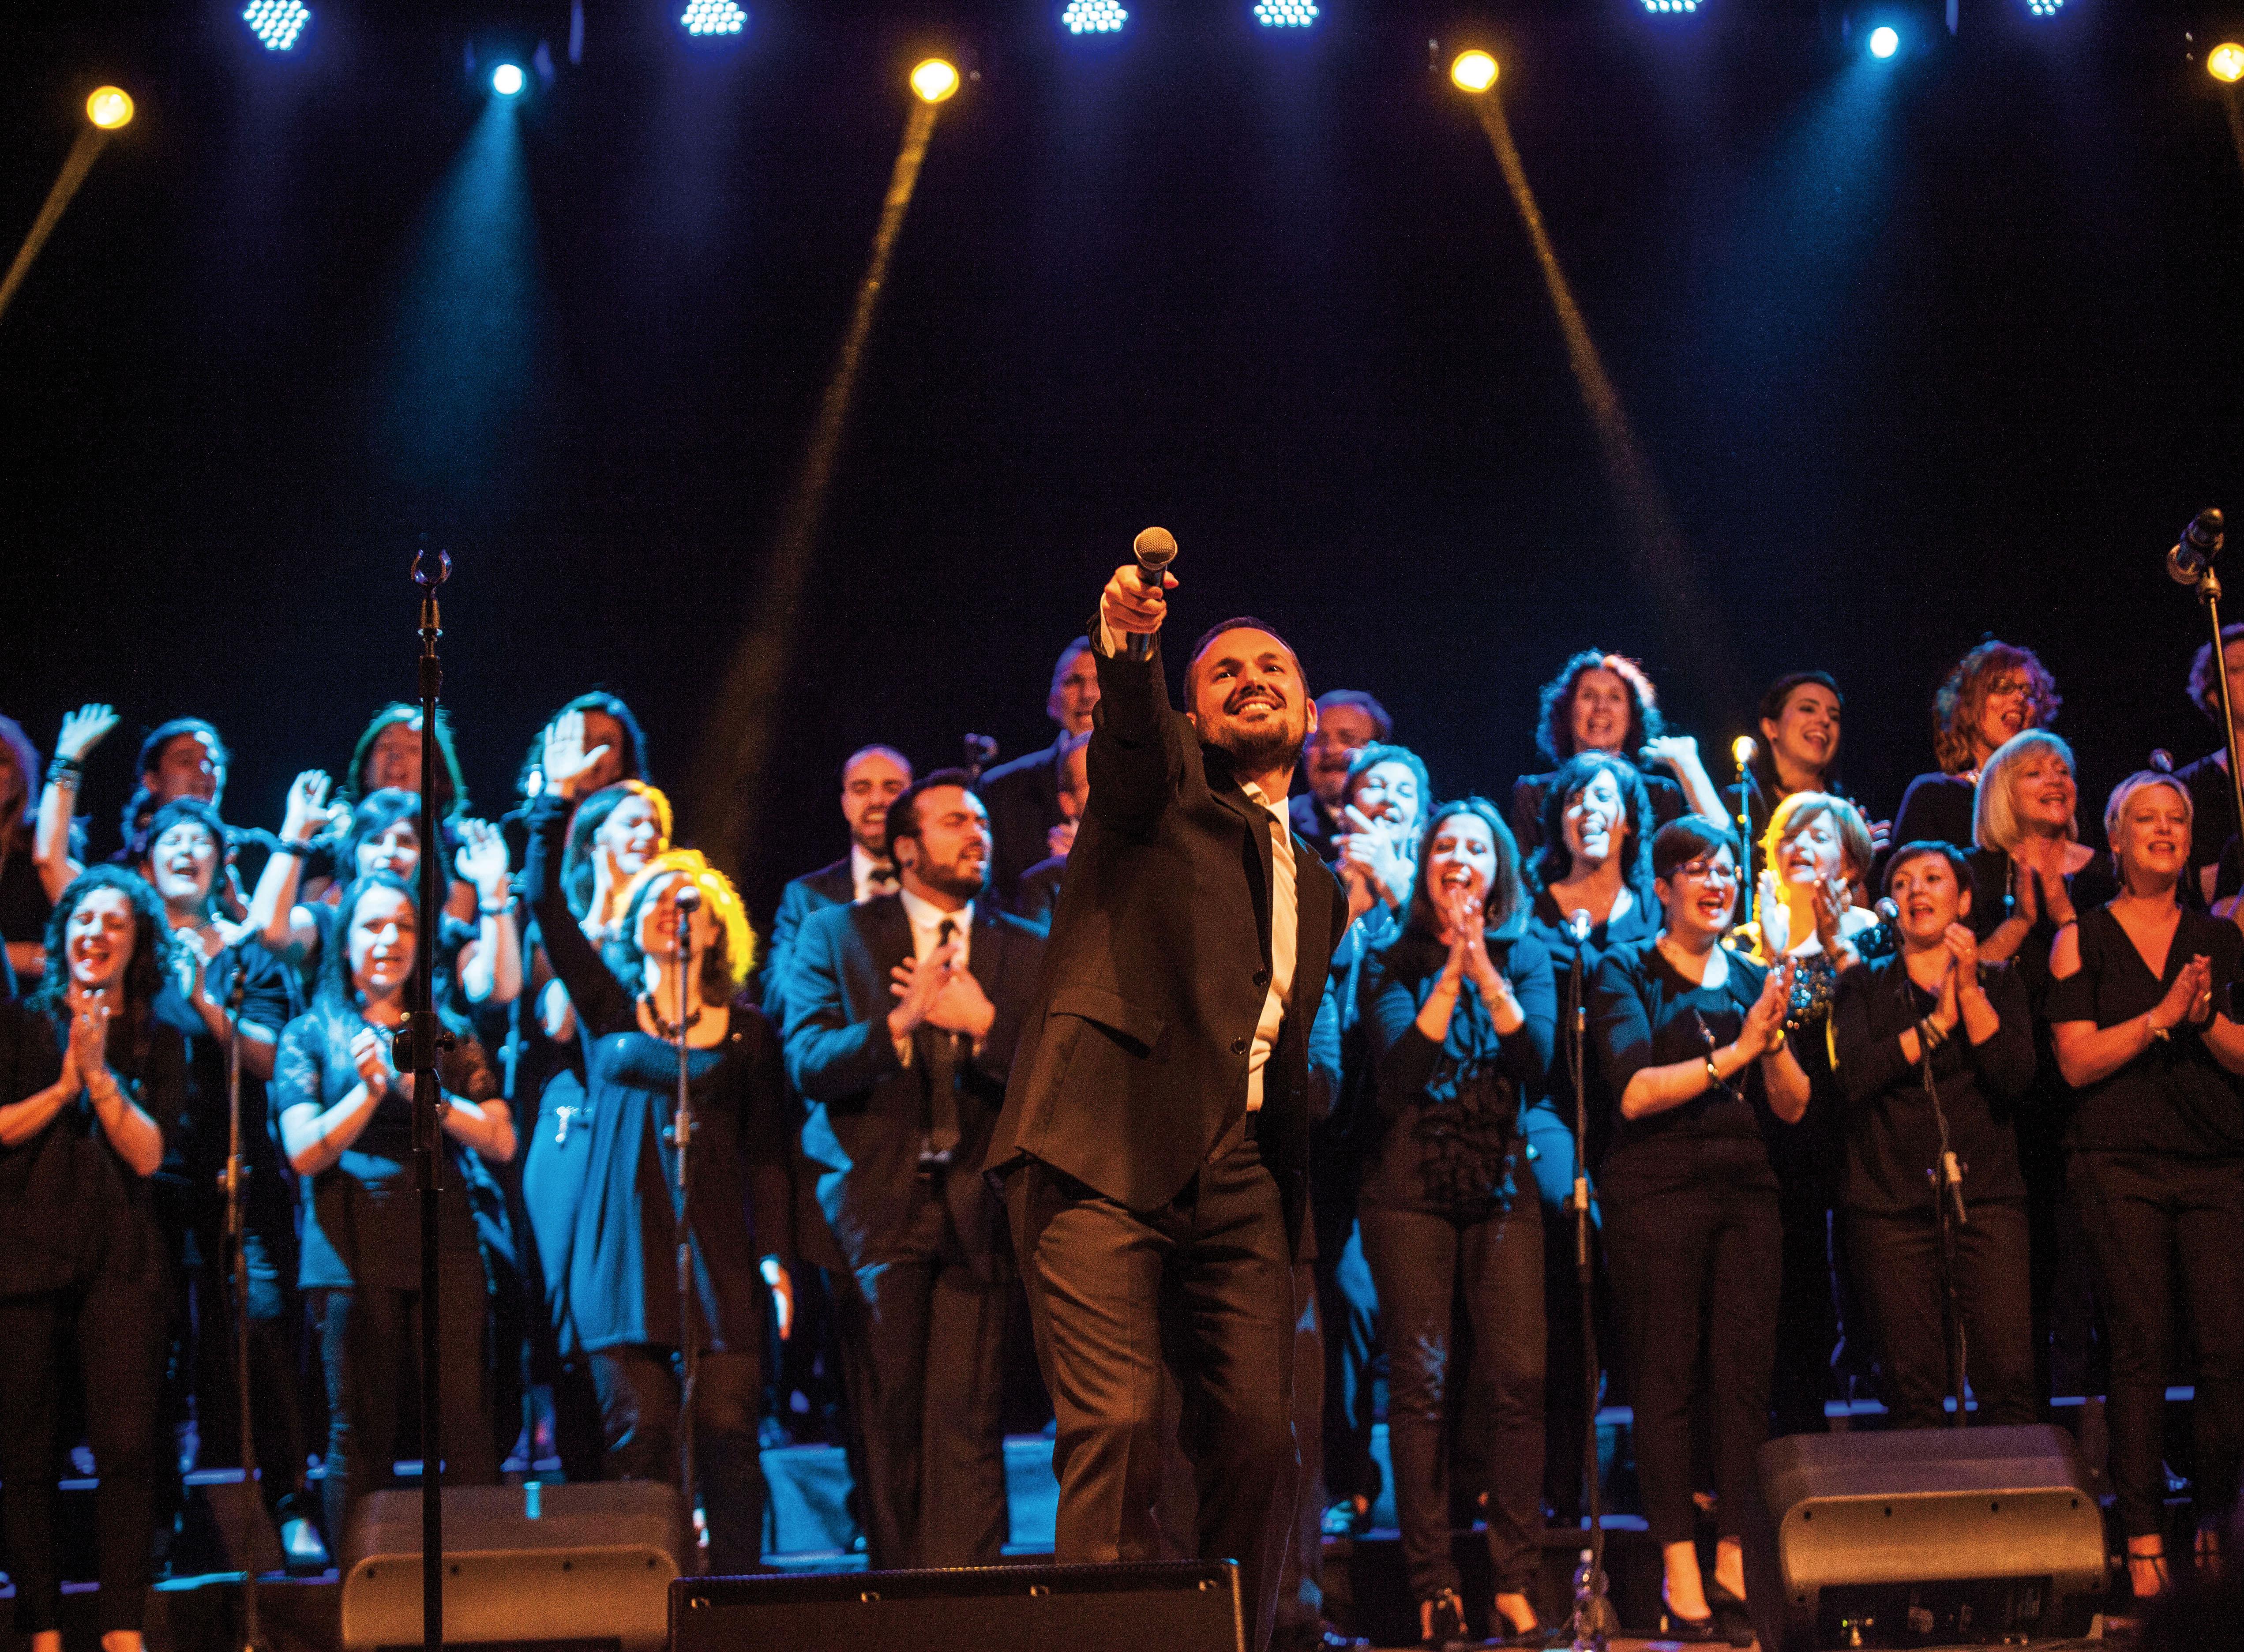 New Generation Gospel Crew in concerto a Torrebelvicino sabato 23 novembre - informazione.it